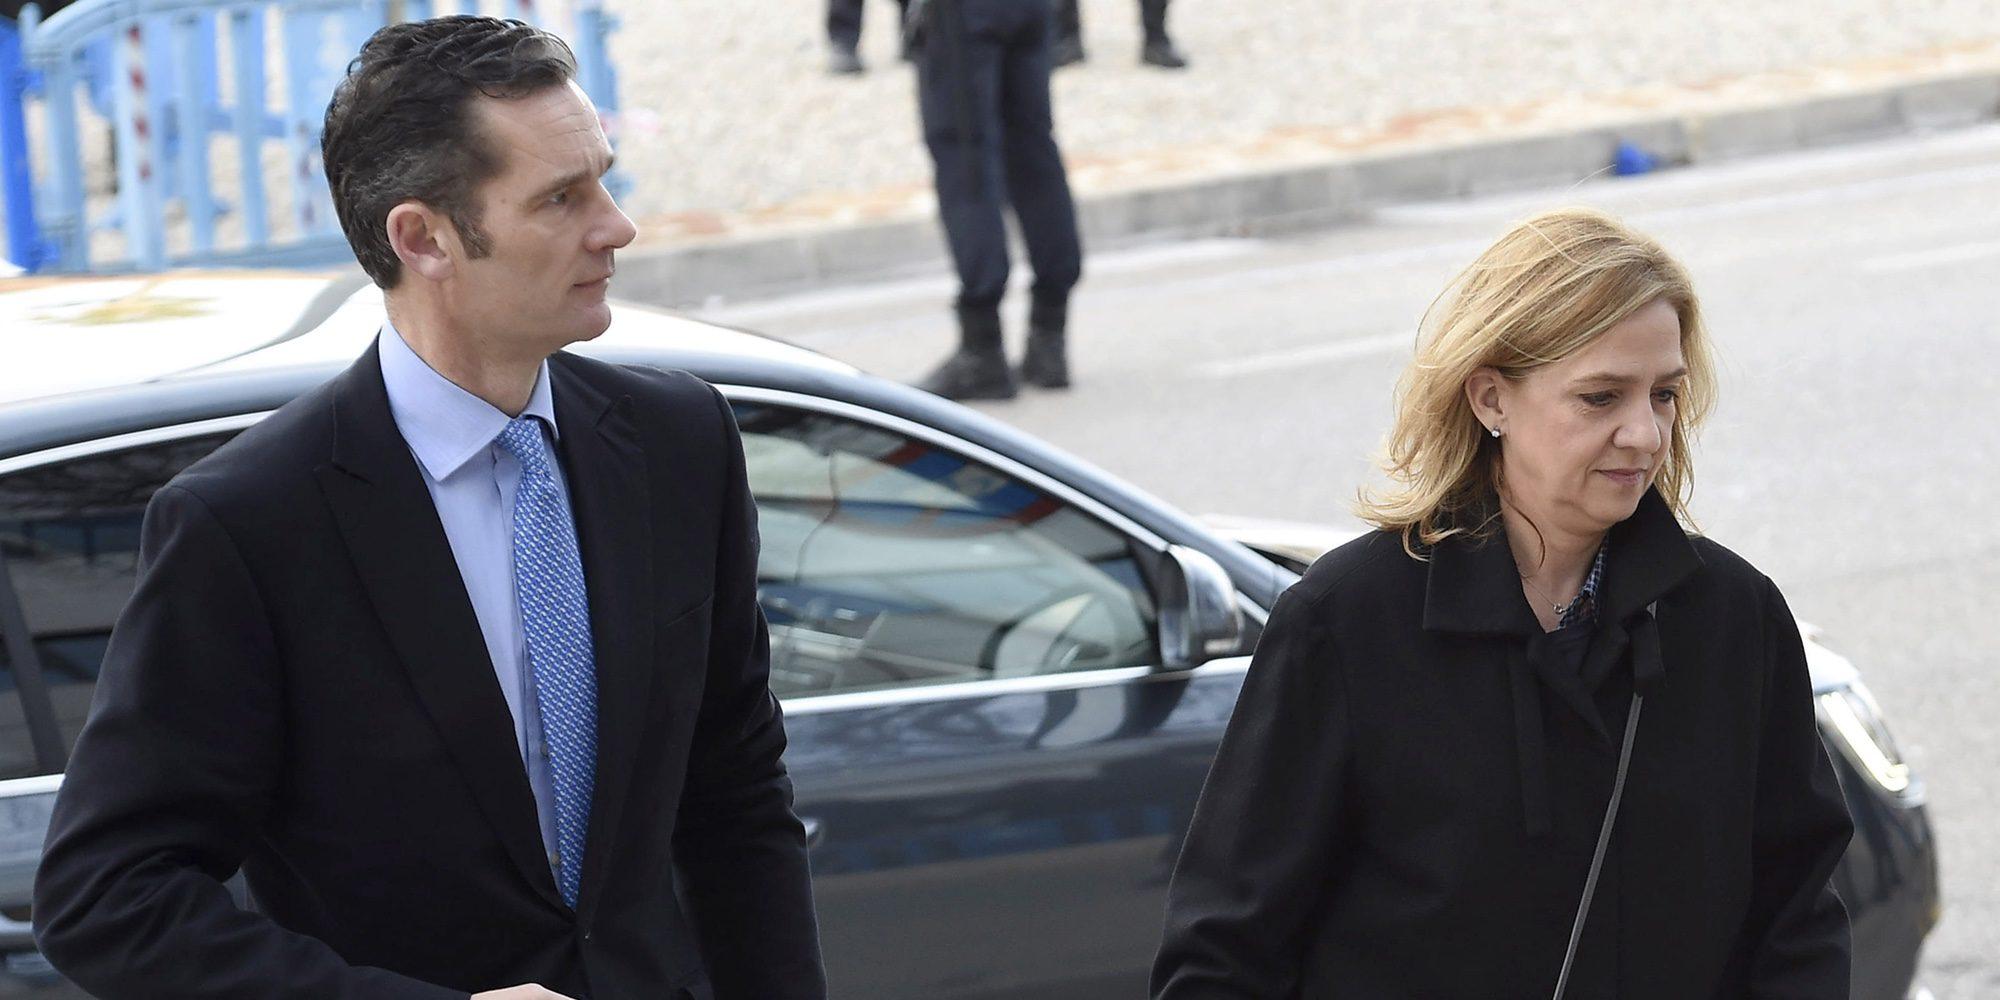 Sentencia Nóos: Iñaki Urdangarín, condenado a 6 años y 3 meses de cárcel y la Infanta Cristina queda absuelta